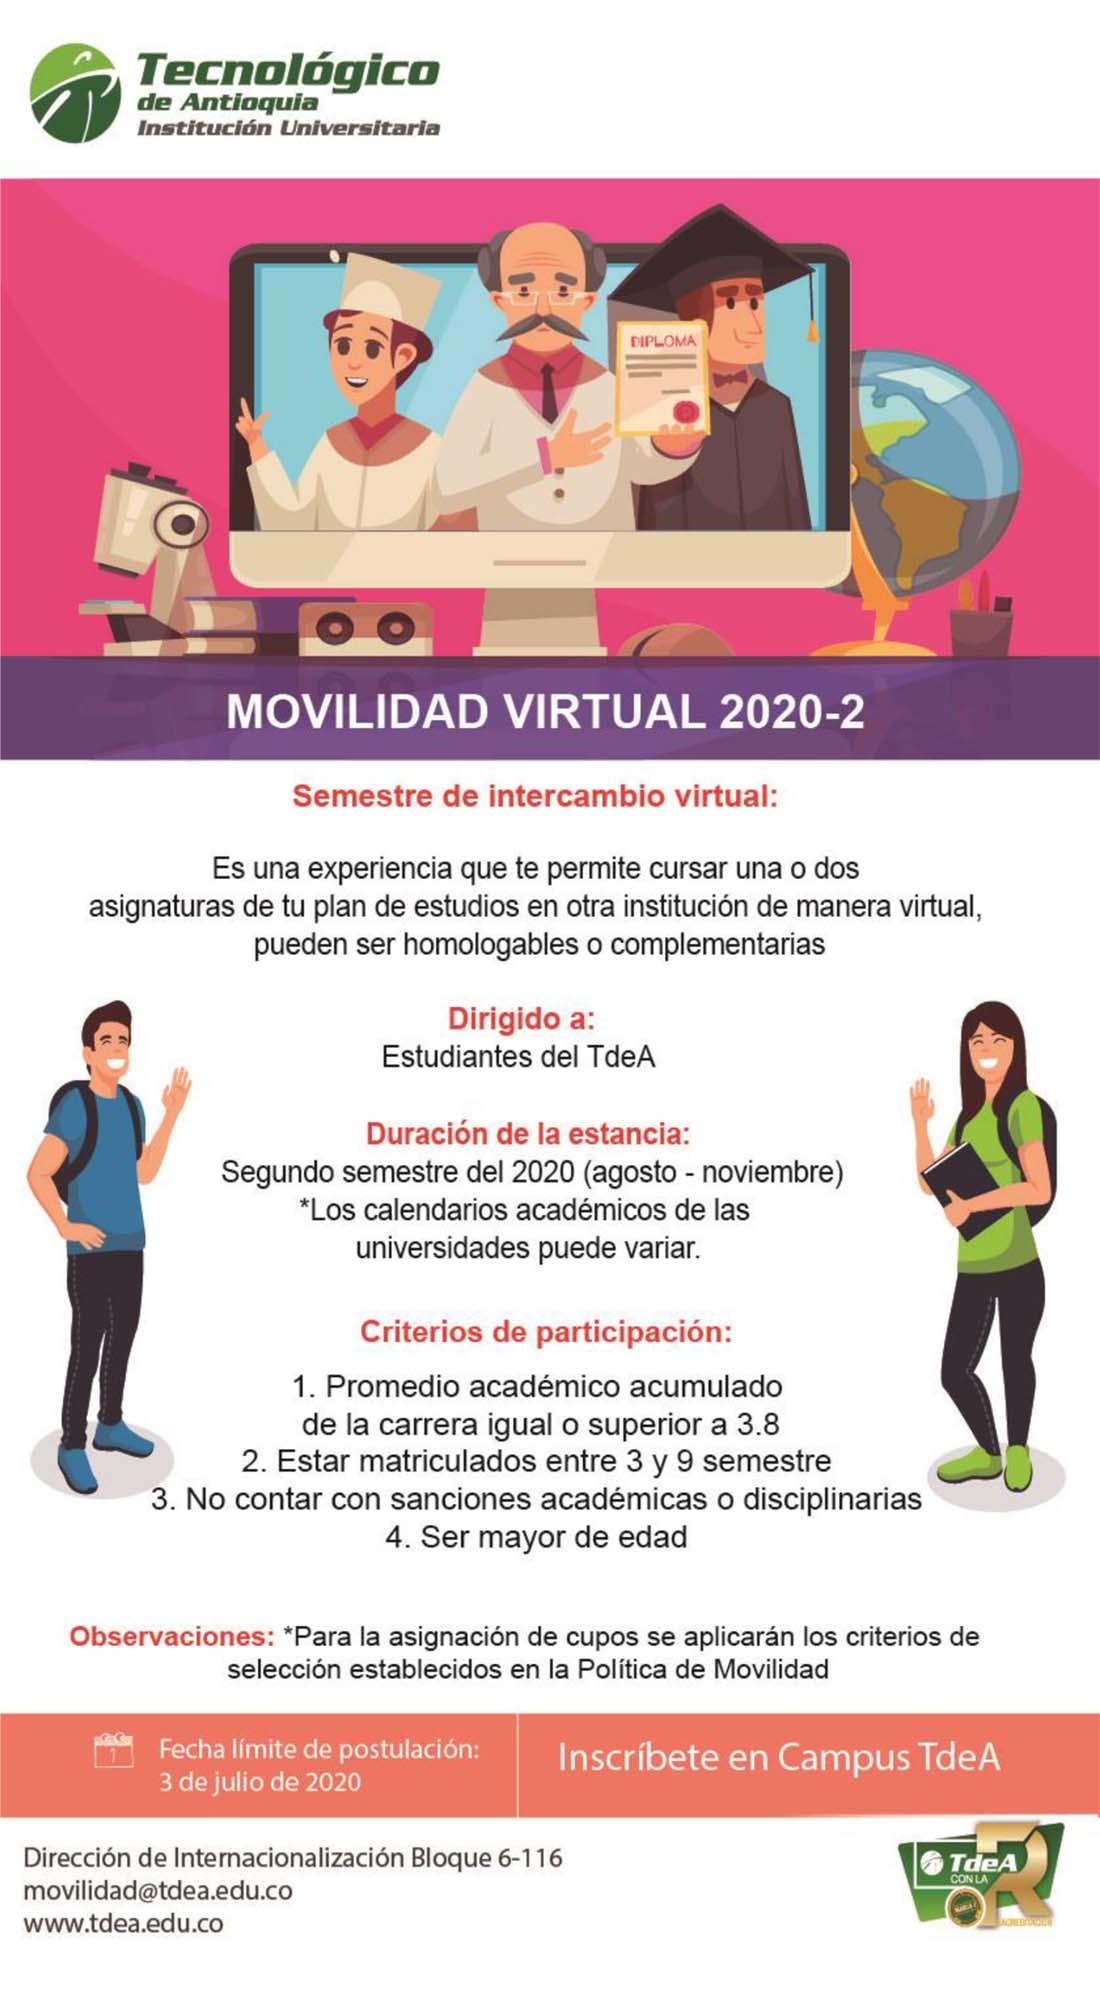 Movilidad virtual 2020-2